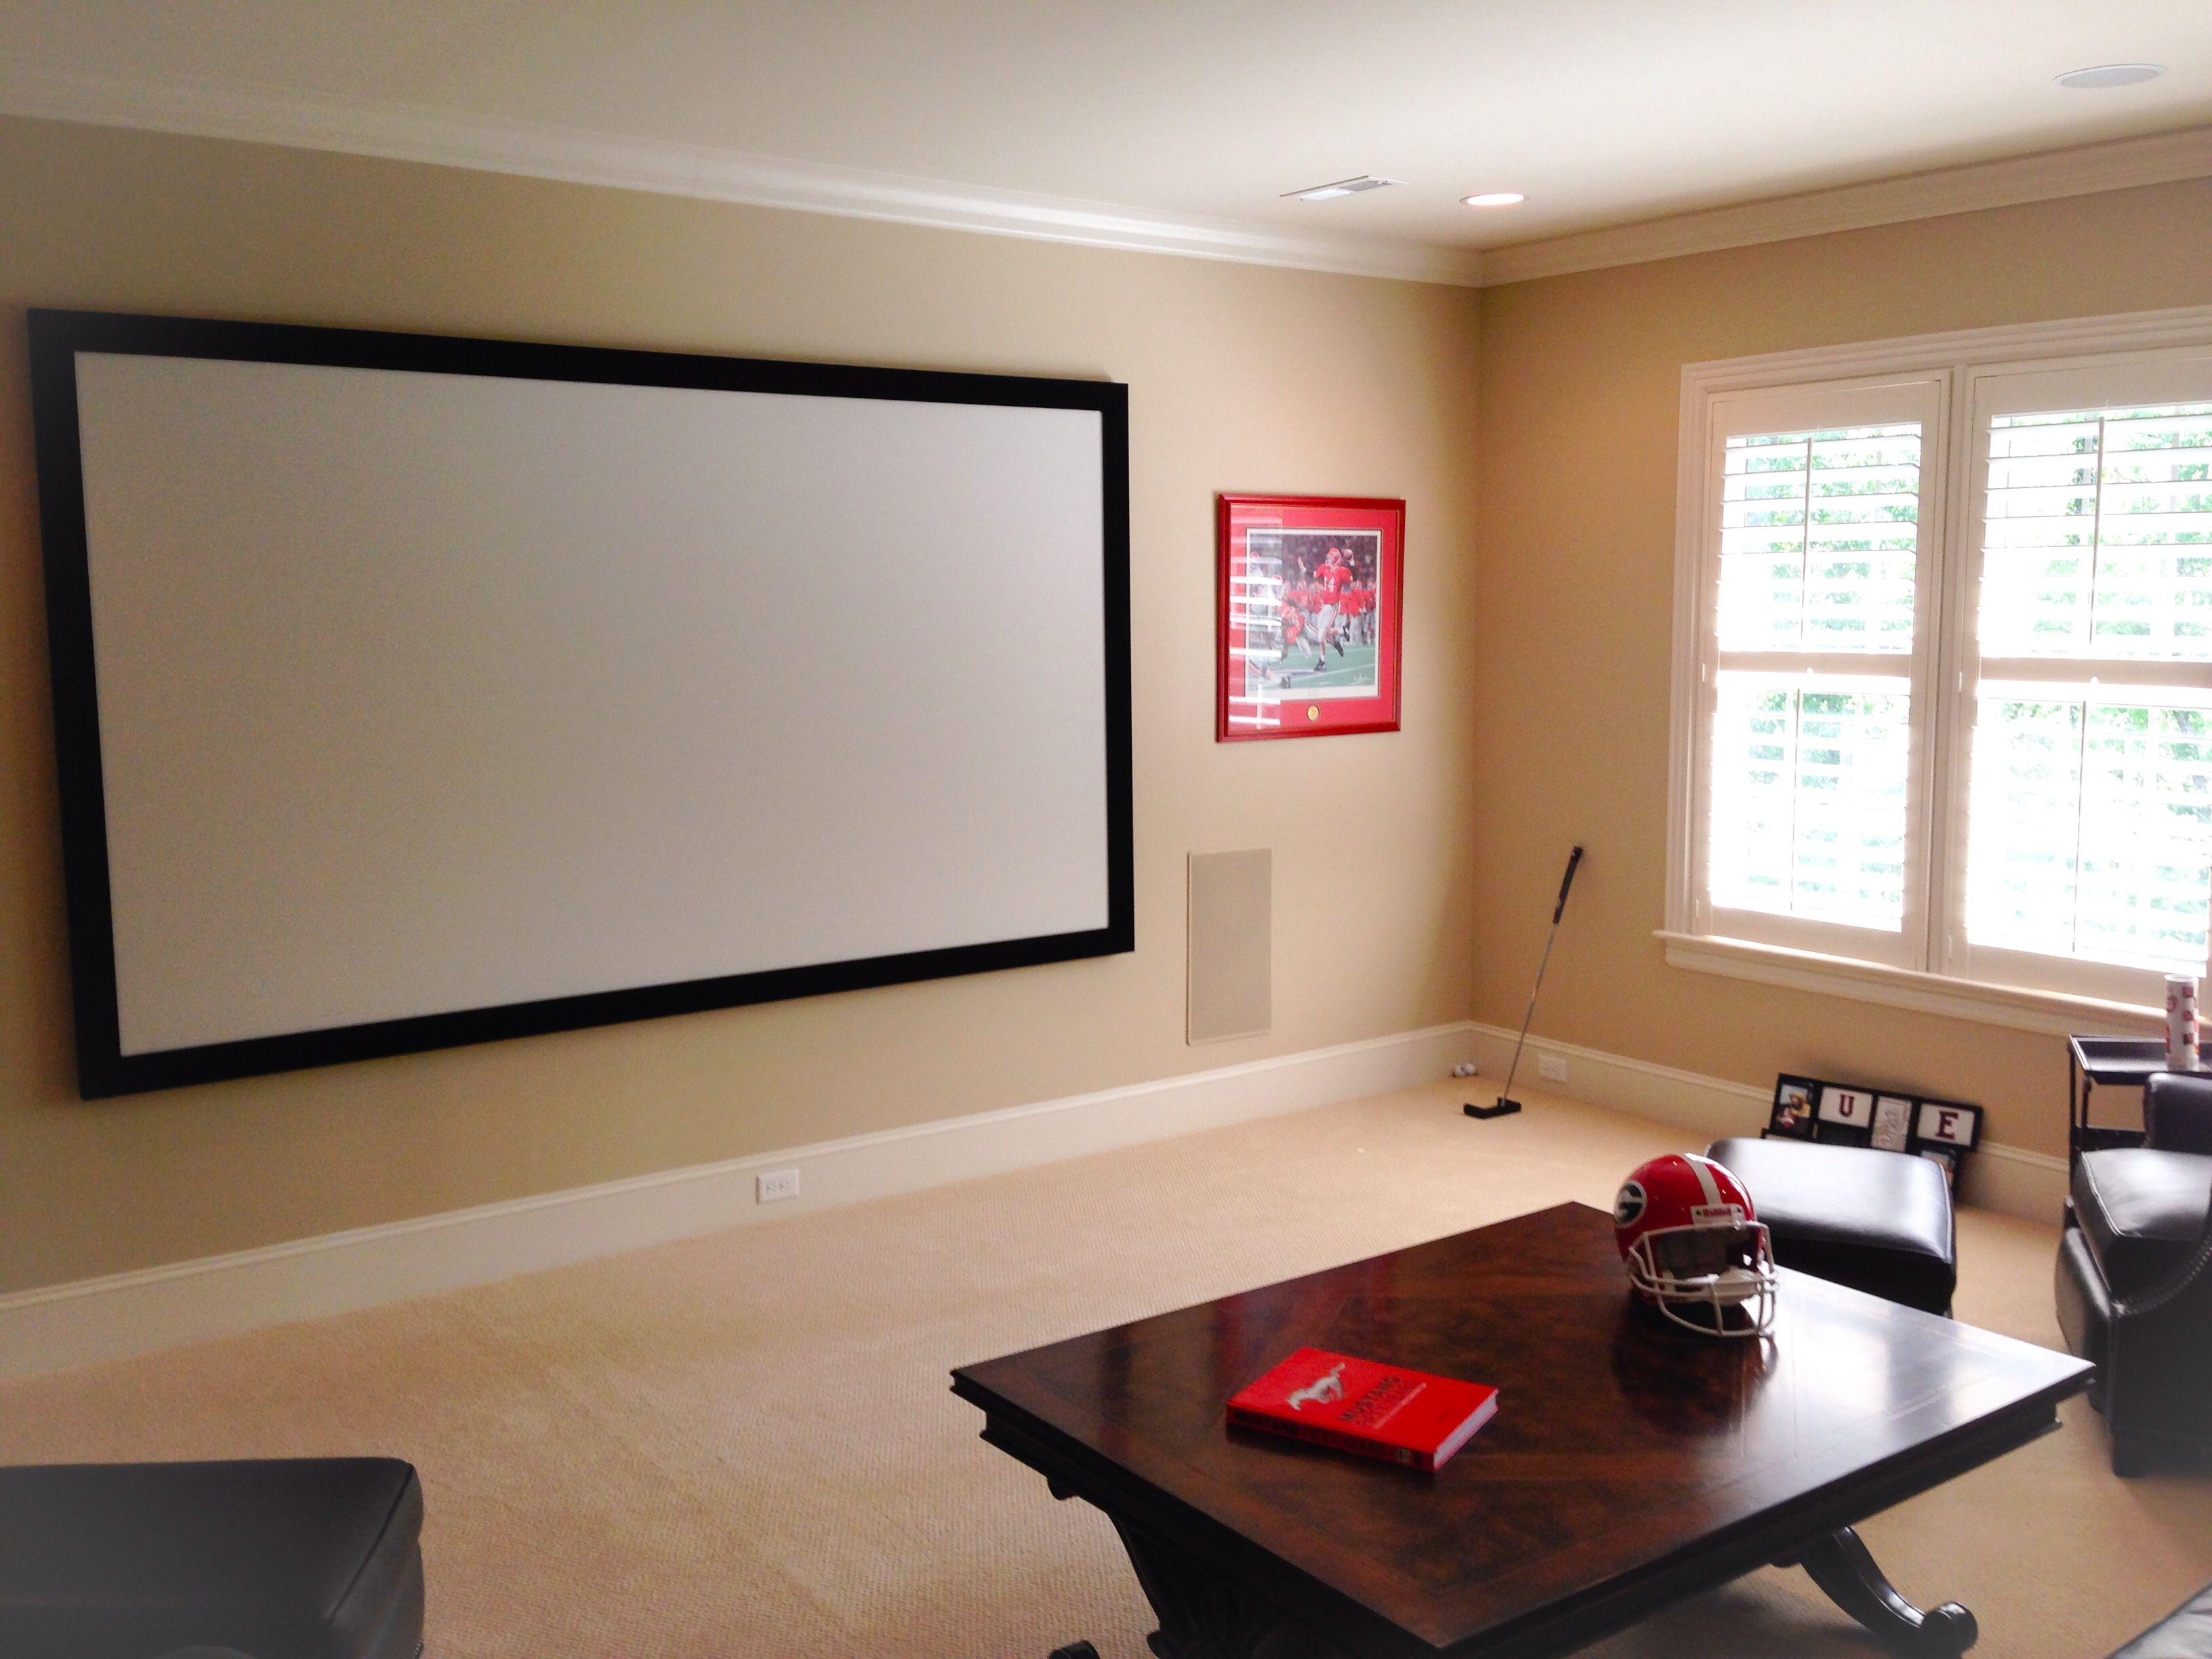 small media room w projector  small media rooms media